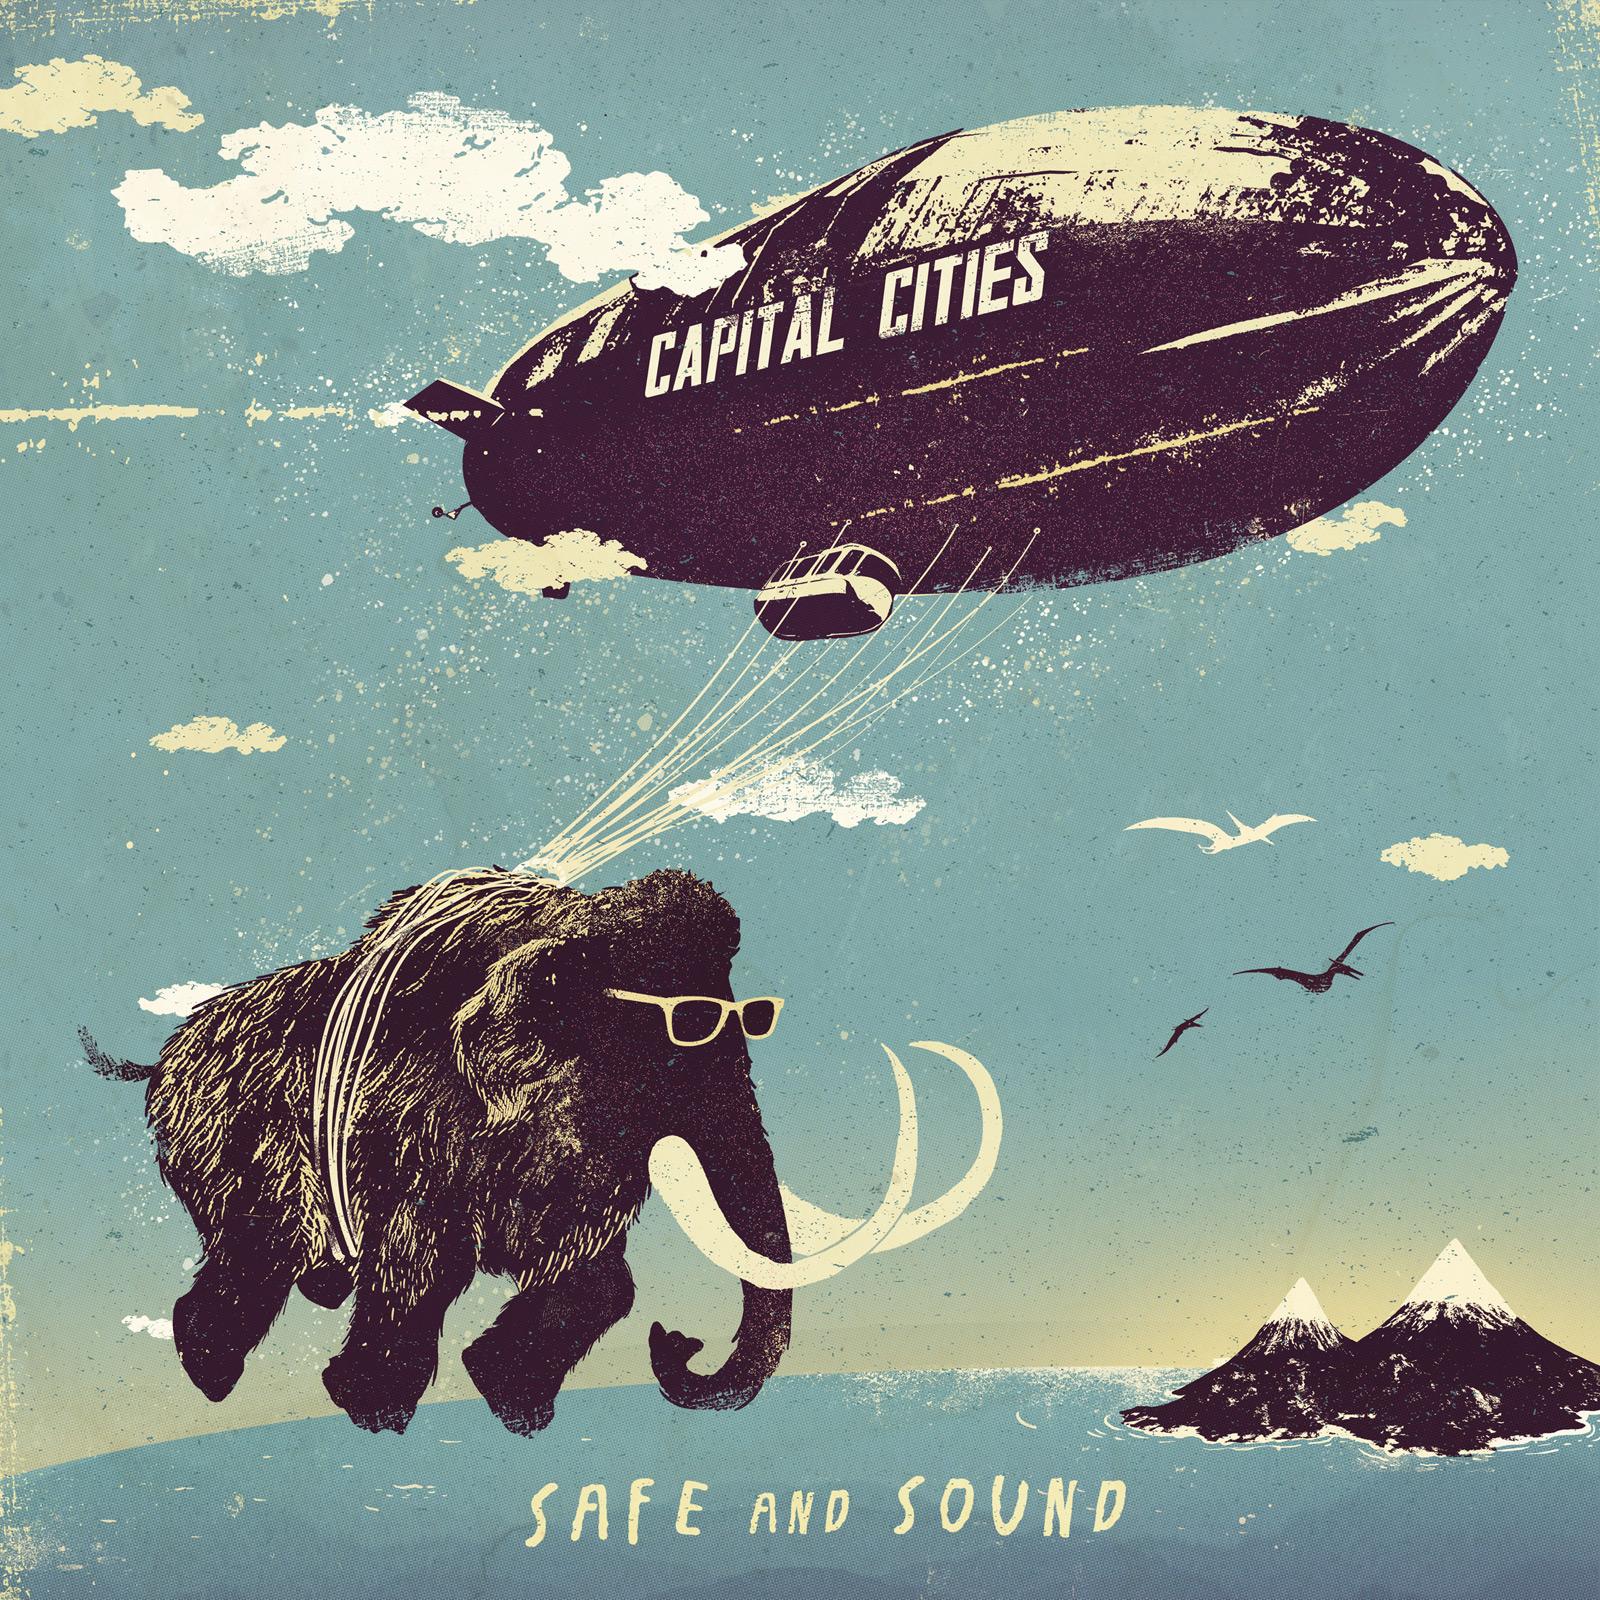 Safe and sound (Remixes)